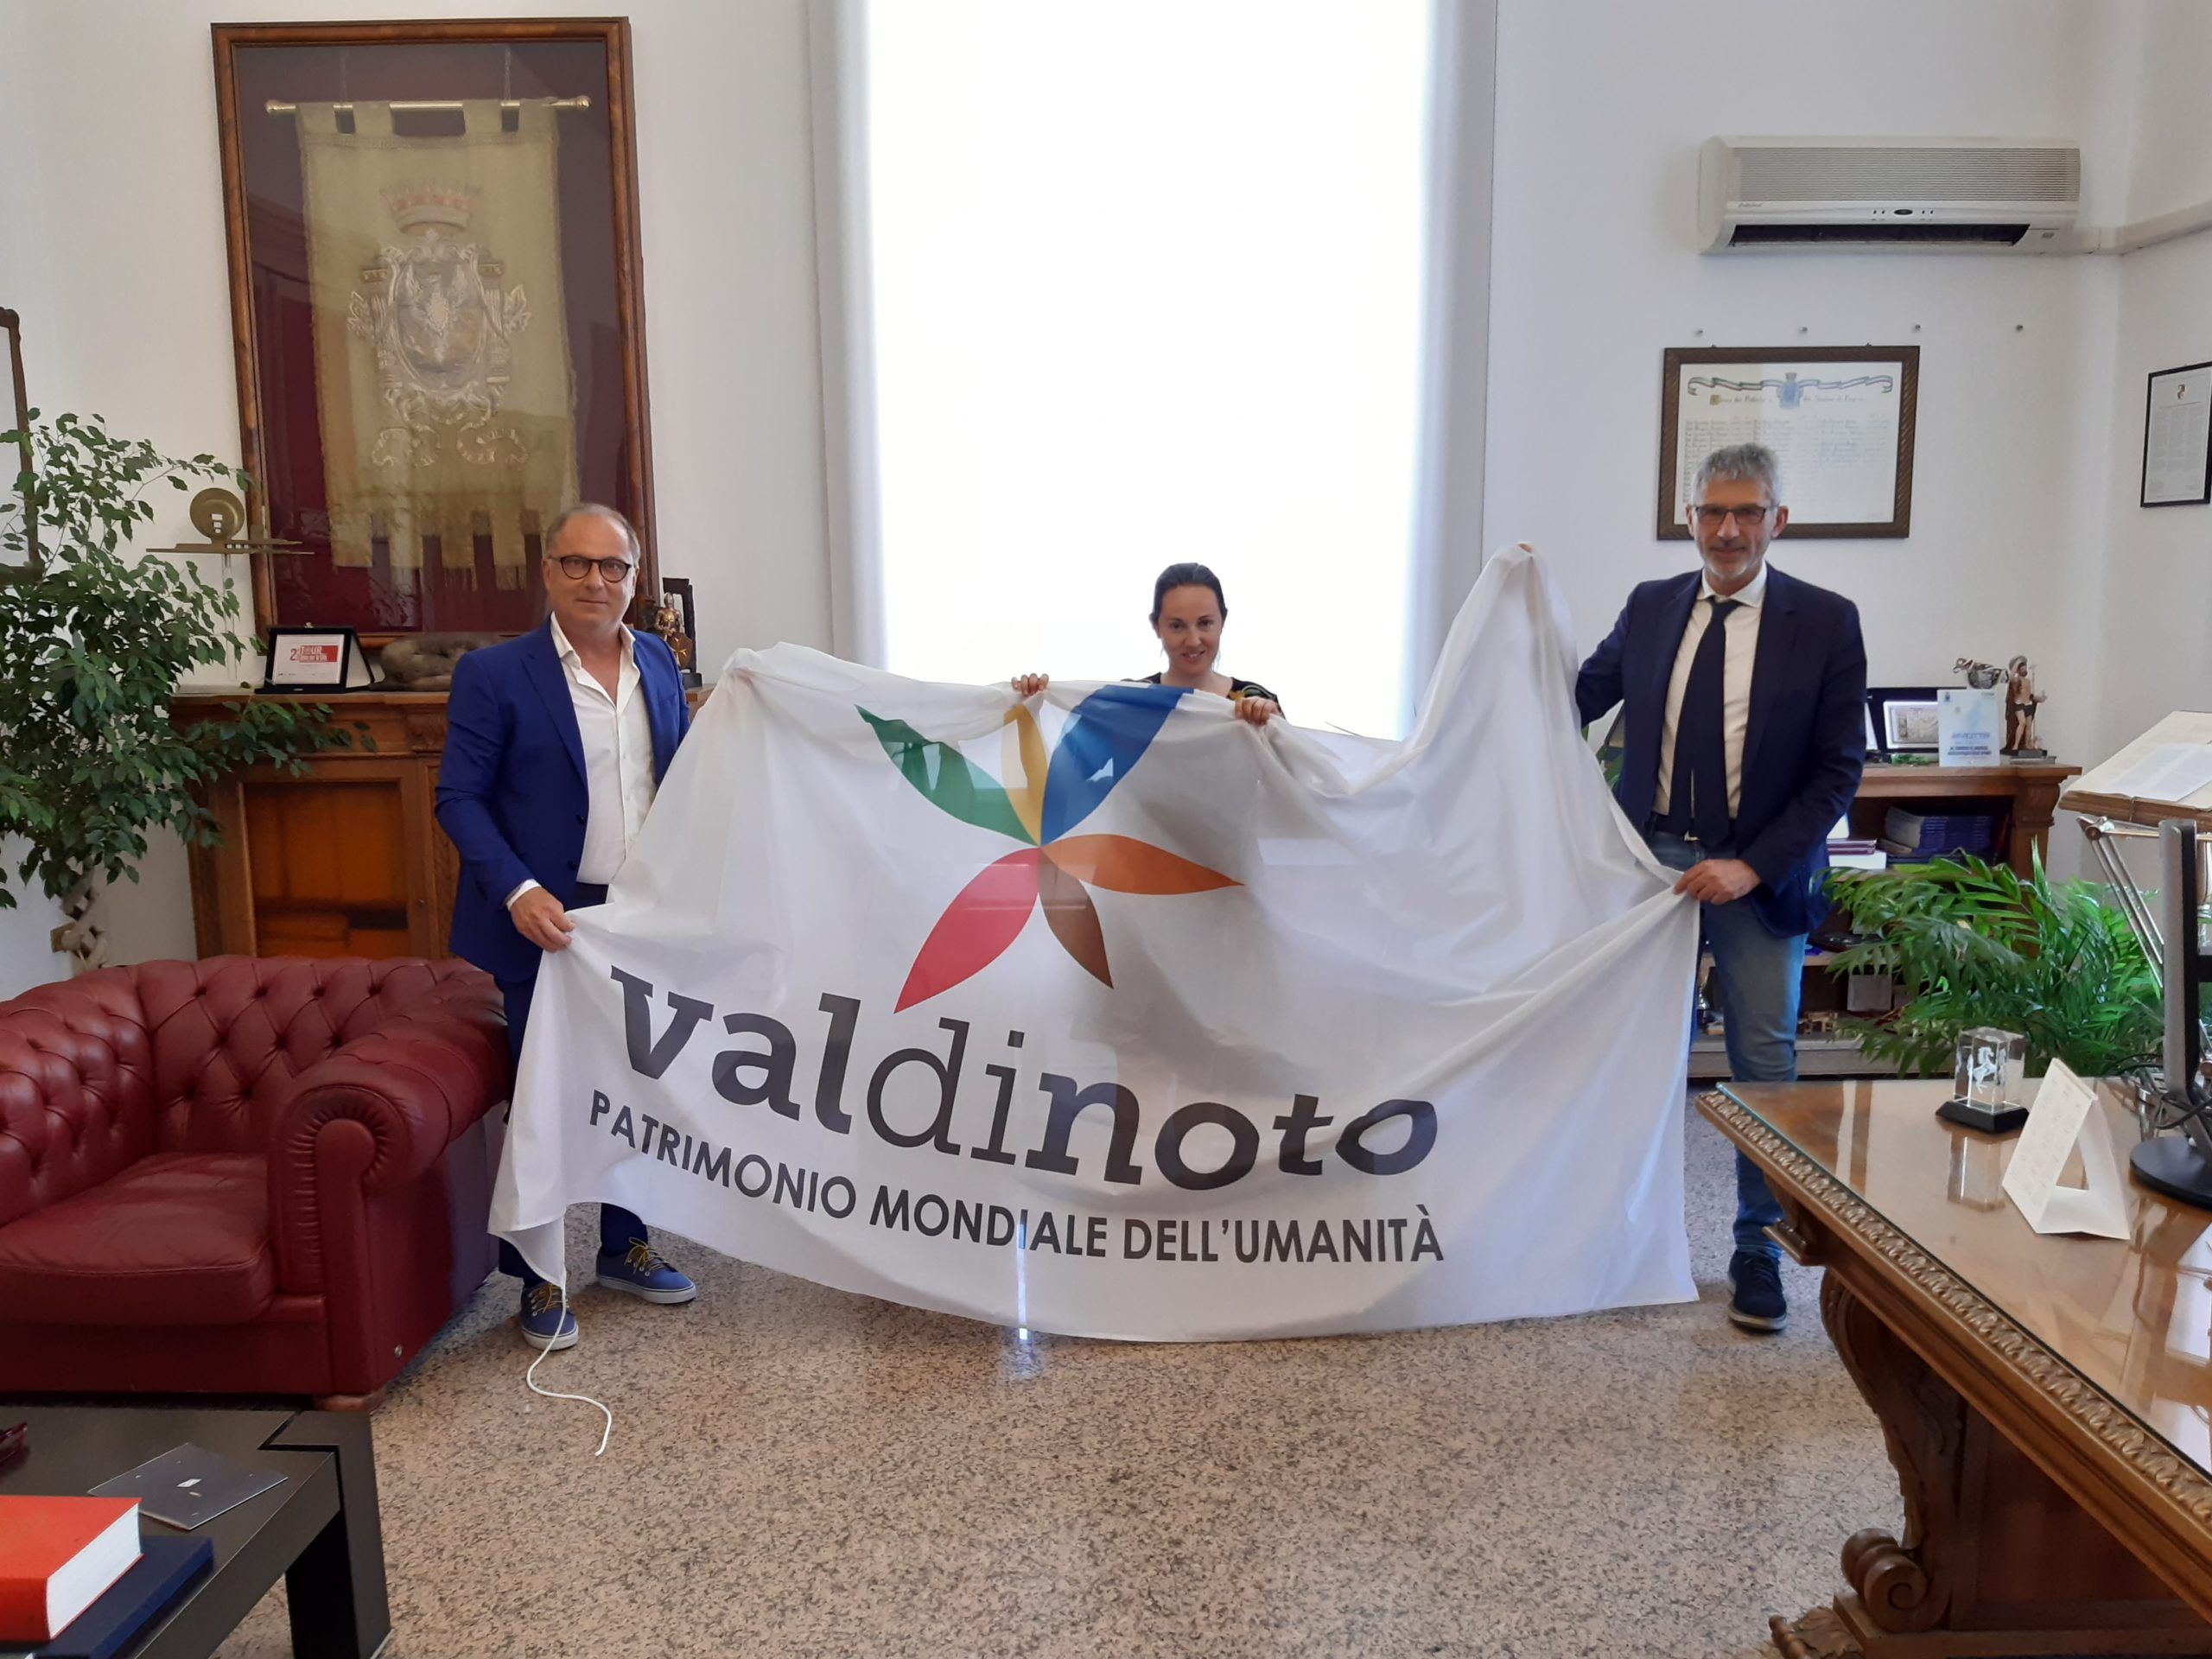 Il sindaco di Noto consegna la bandiera del Val di Noto a Ragusa e altri comuni del sito Unesco Tardo barocco